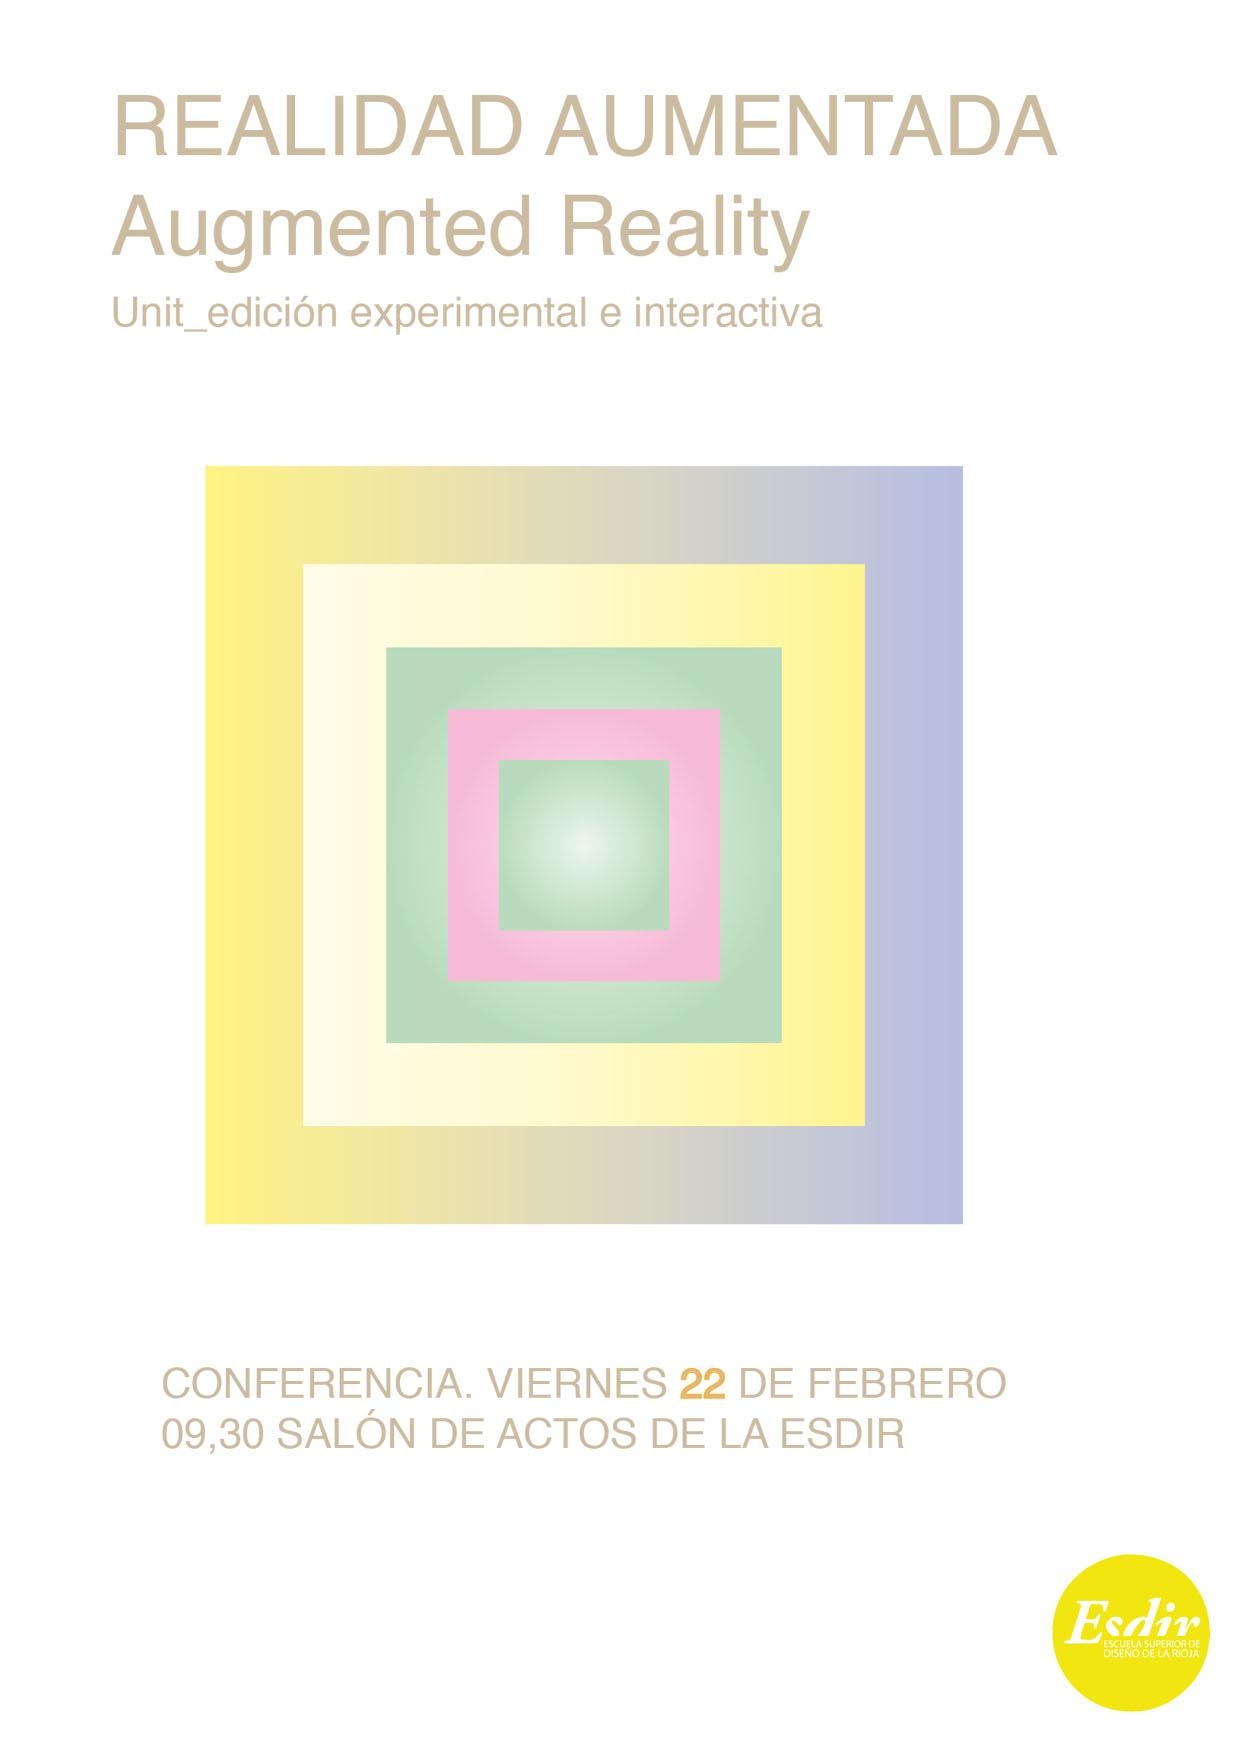 Conferencia Realidad Aumentada. Viernes 22 de febrero, 9h.